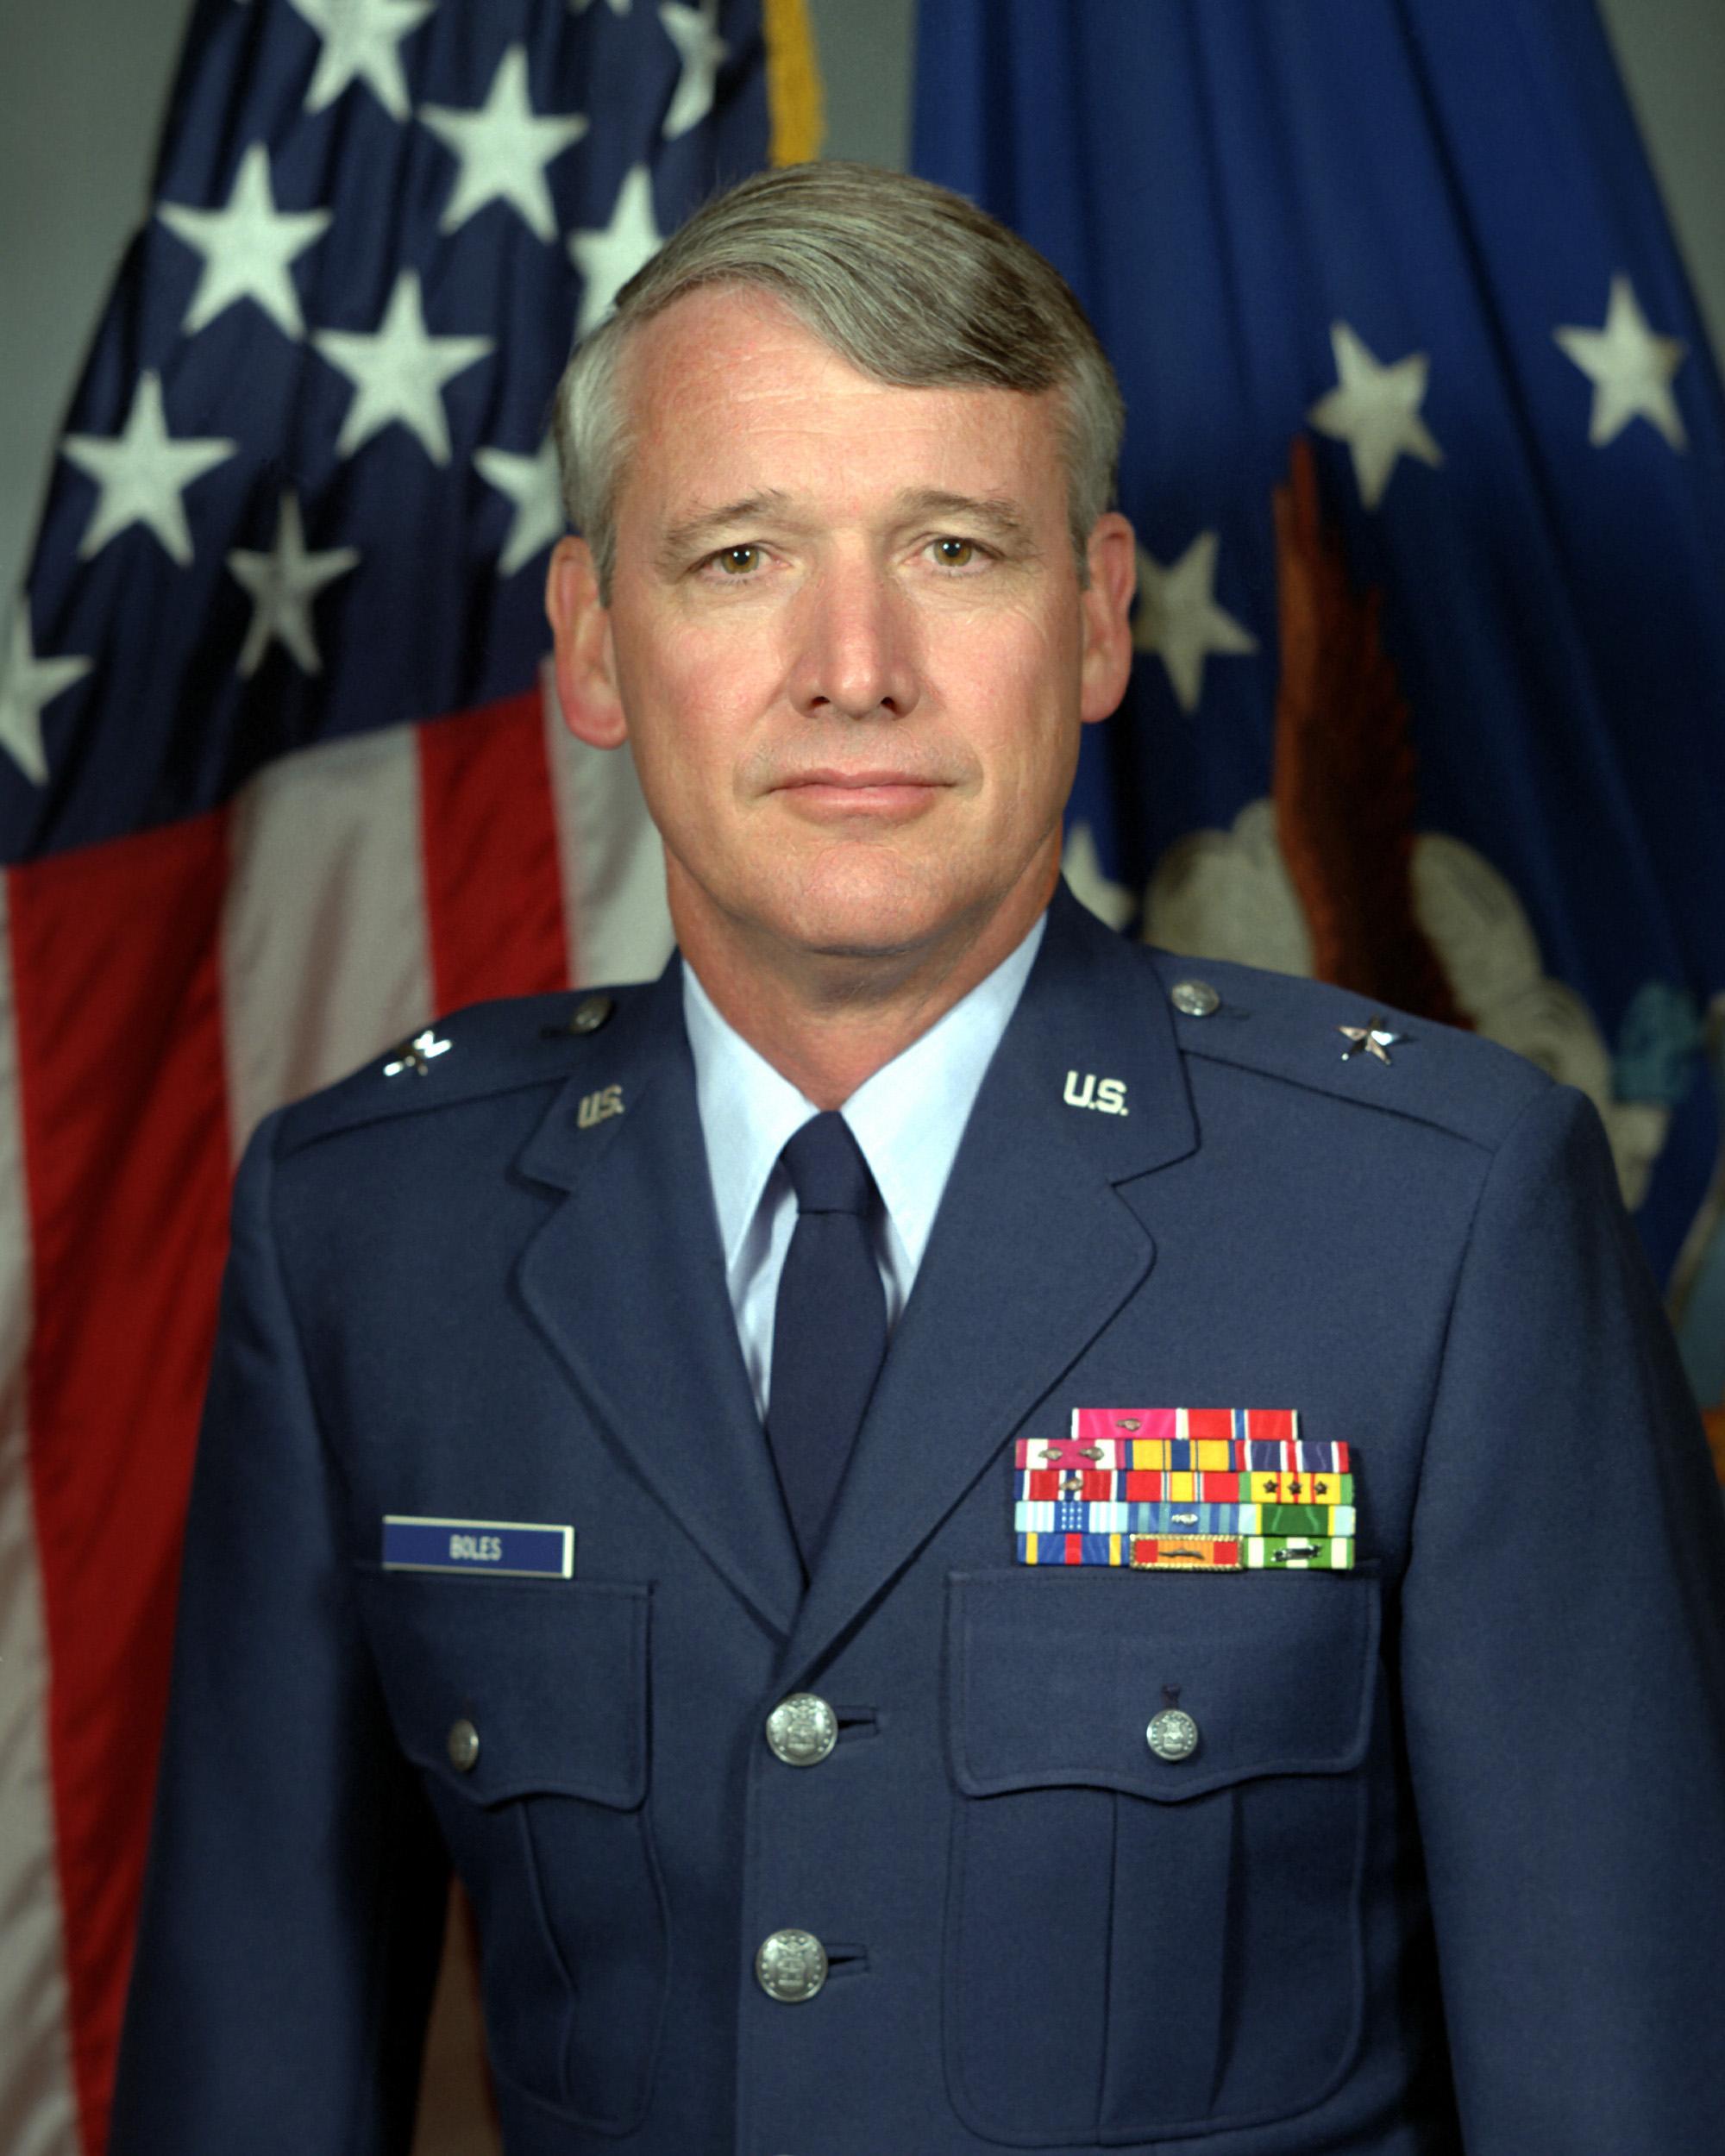 General Boles